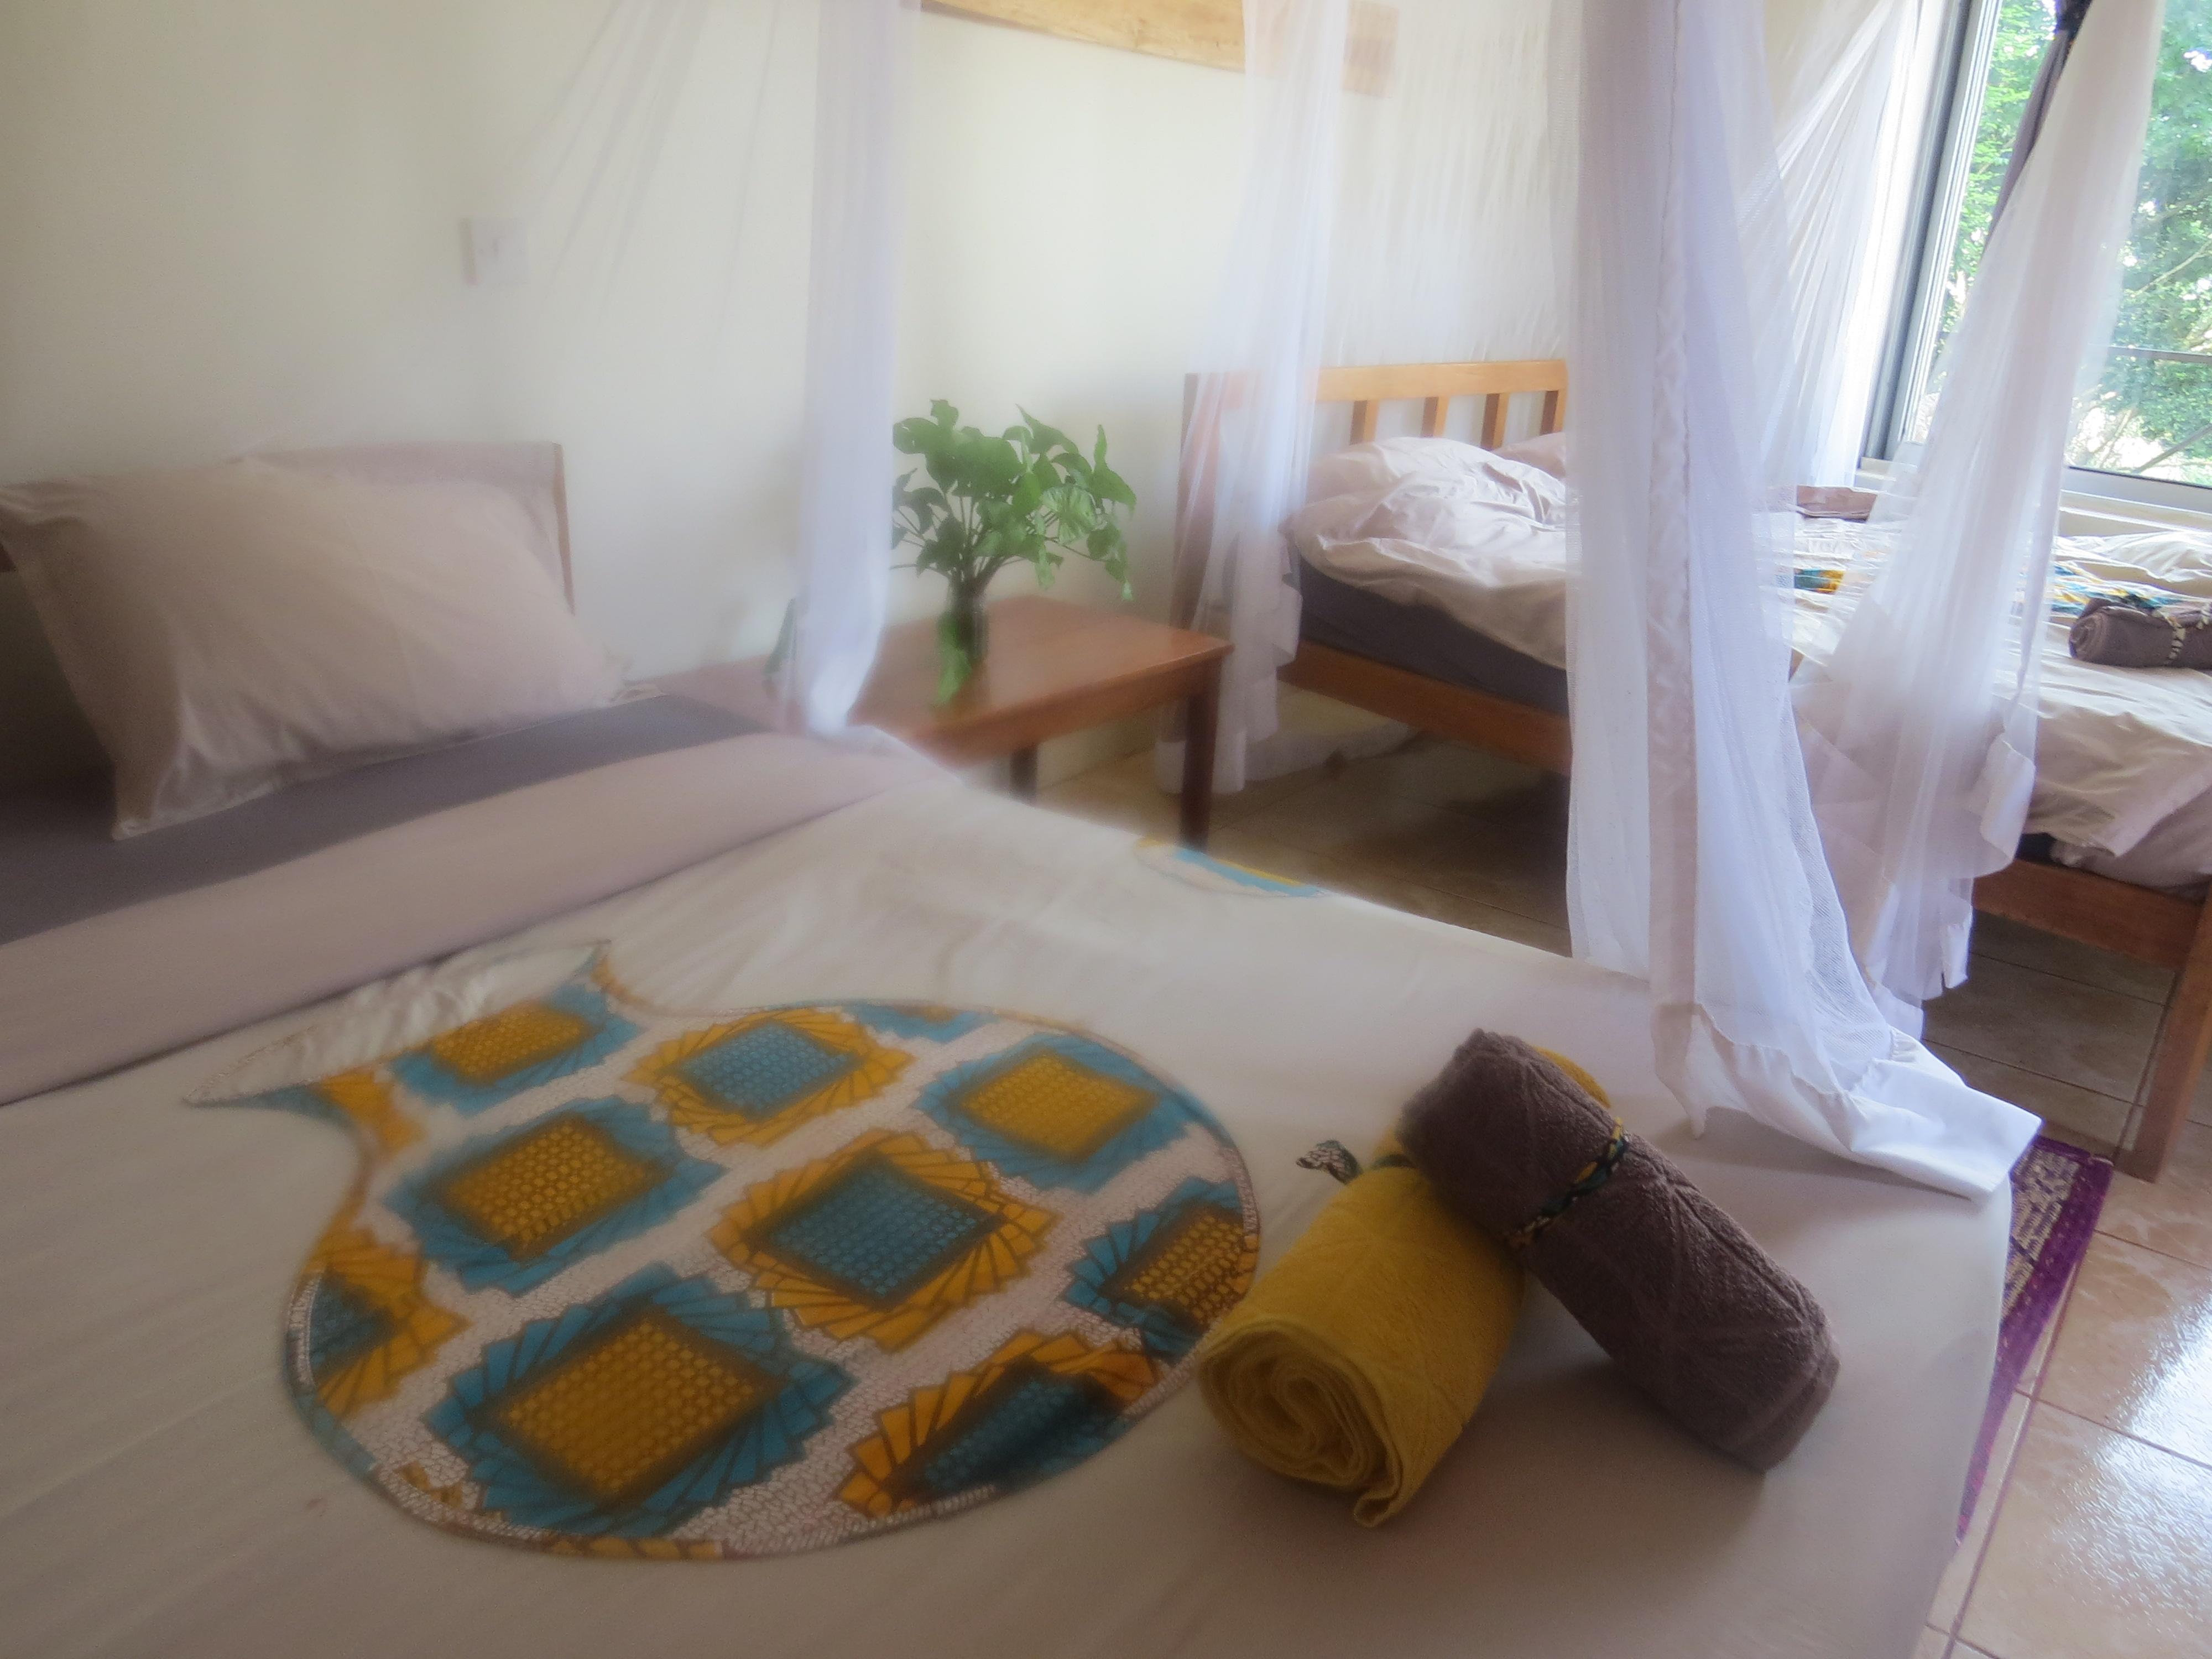 Acomodation at Via Via Entebbe. Copyright Rupi Mangat